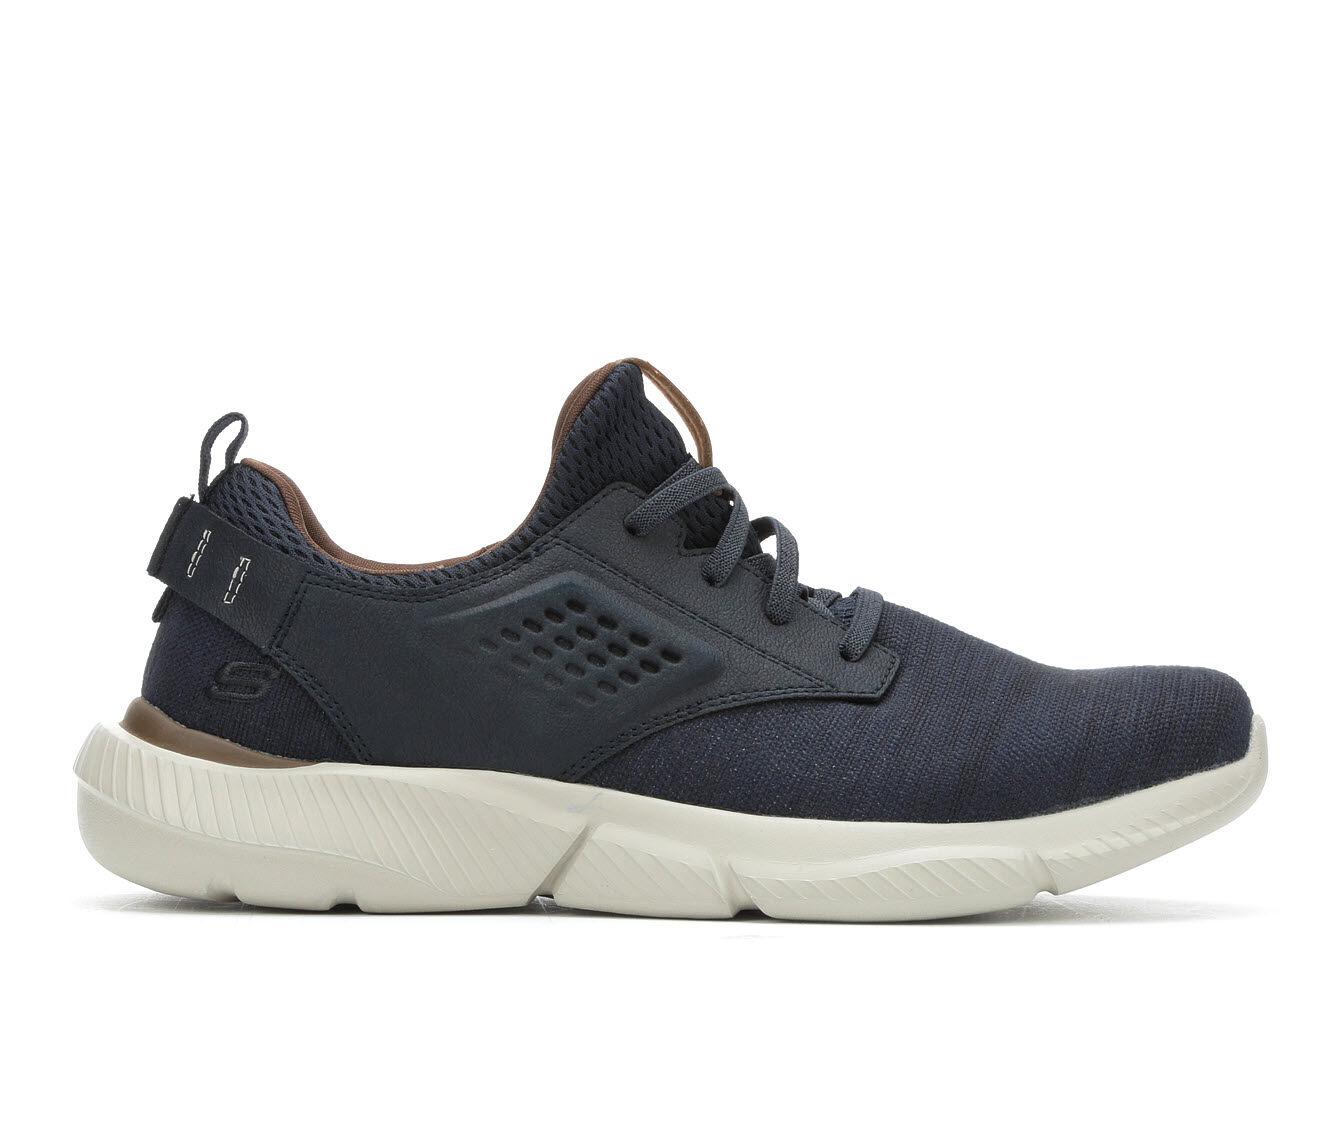 Men's Skechers Marner 65862 Casual Shoes Navy